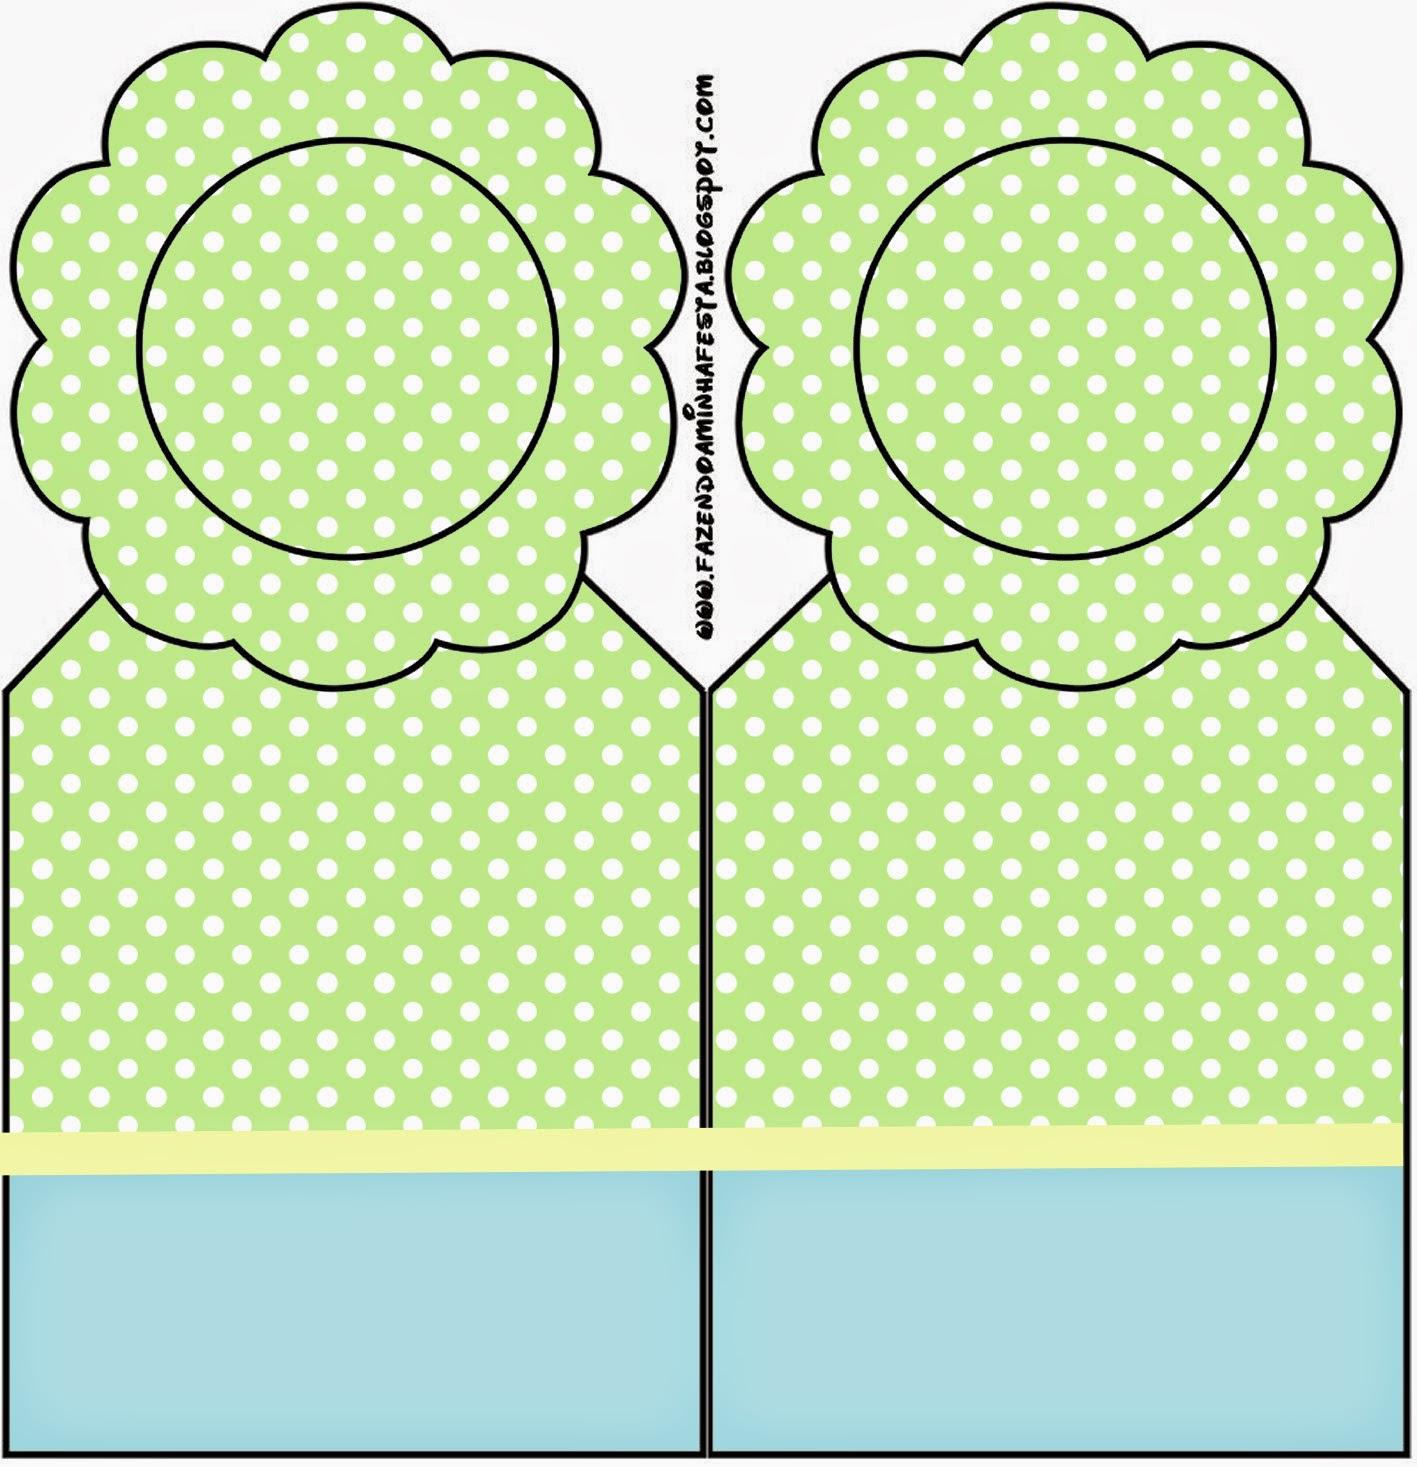 Para marcapáginas de Verde y Celeste.